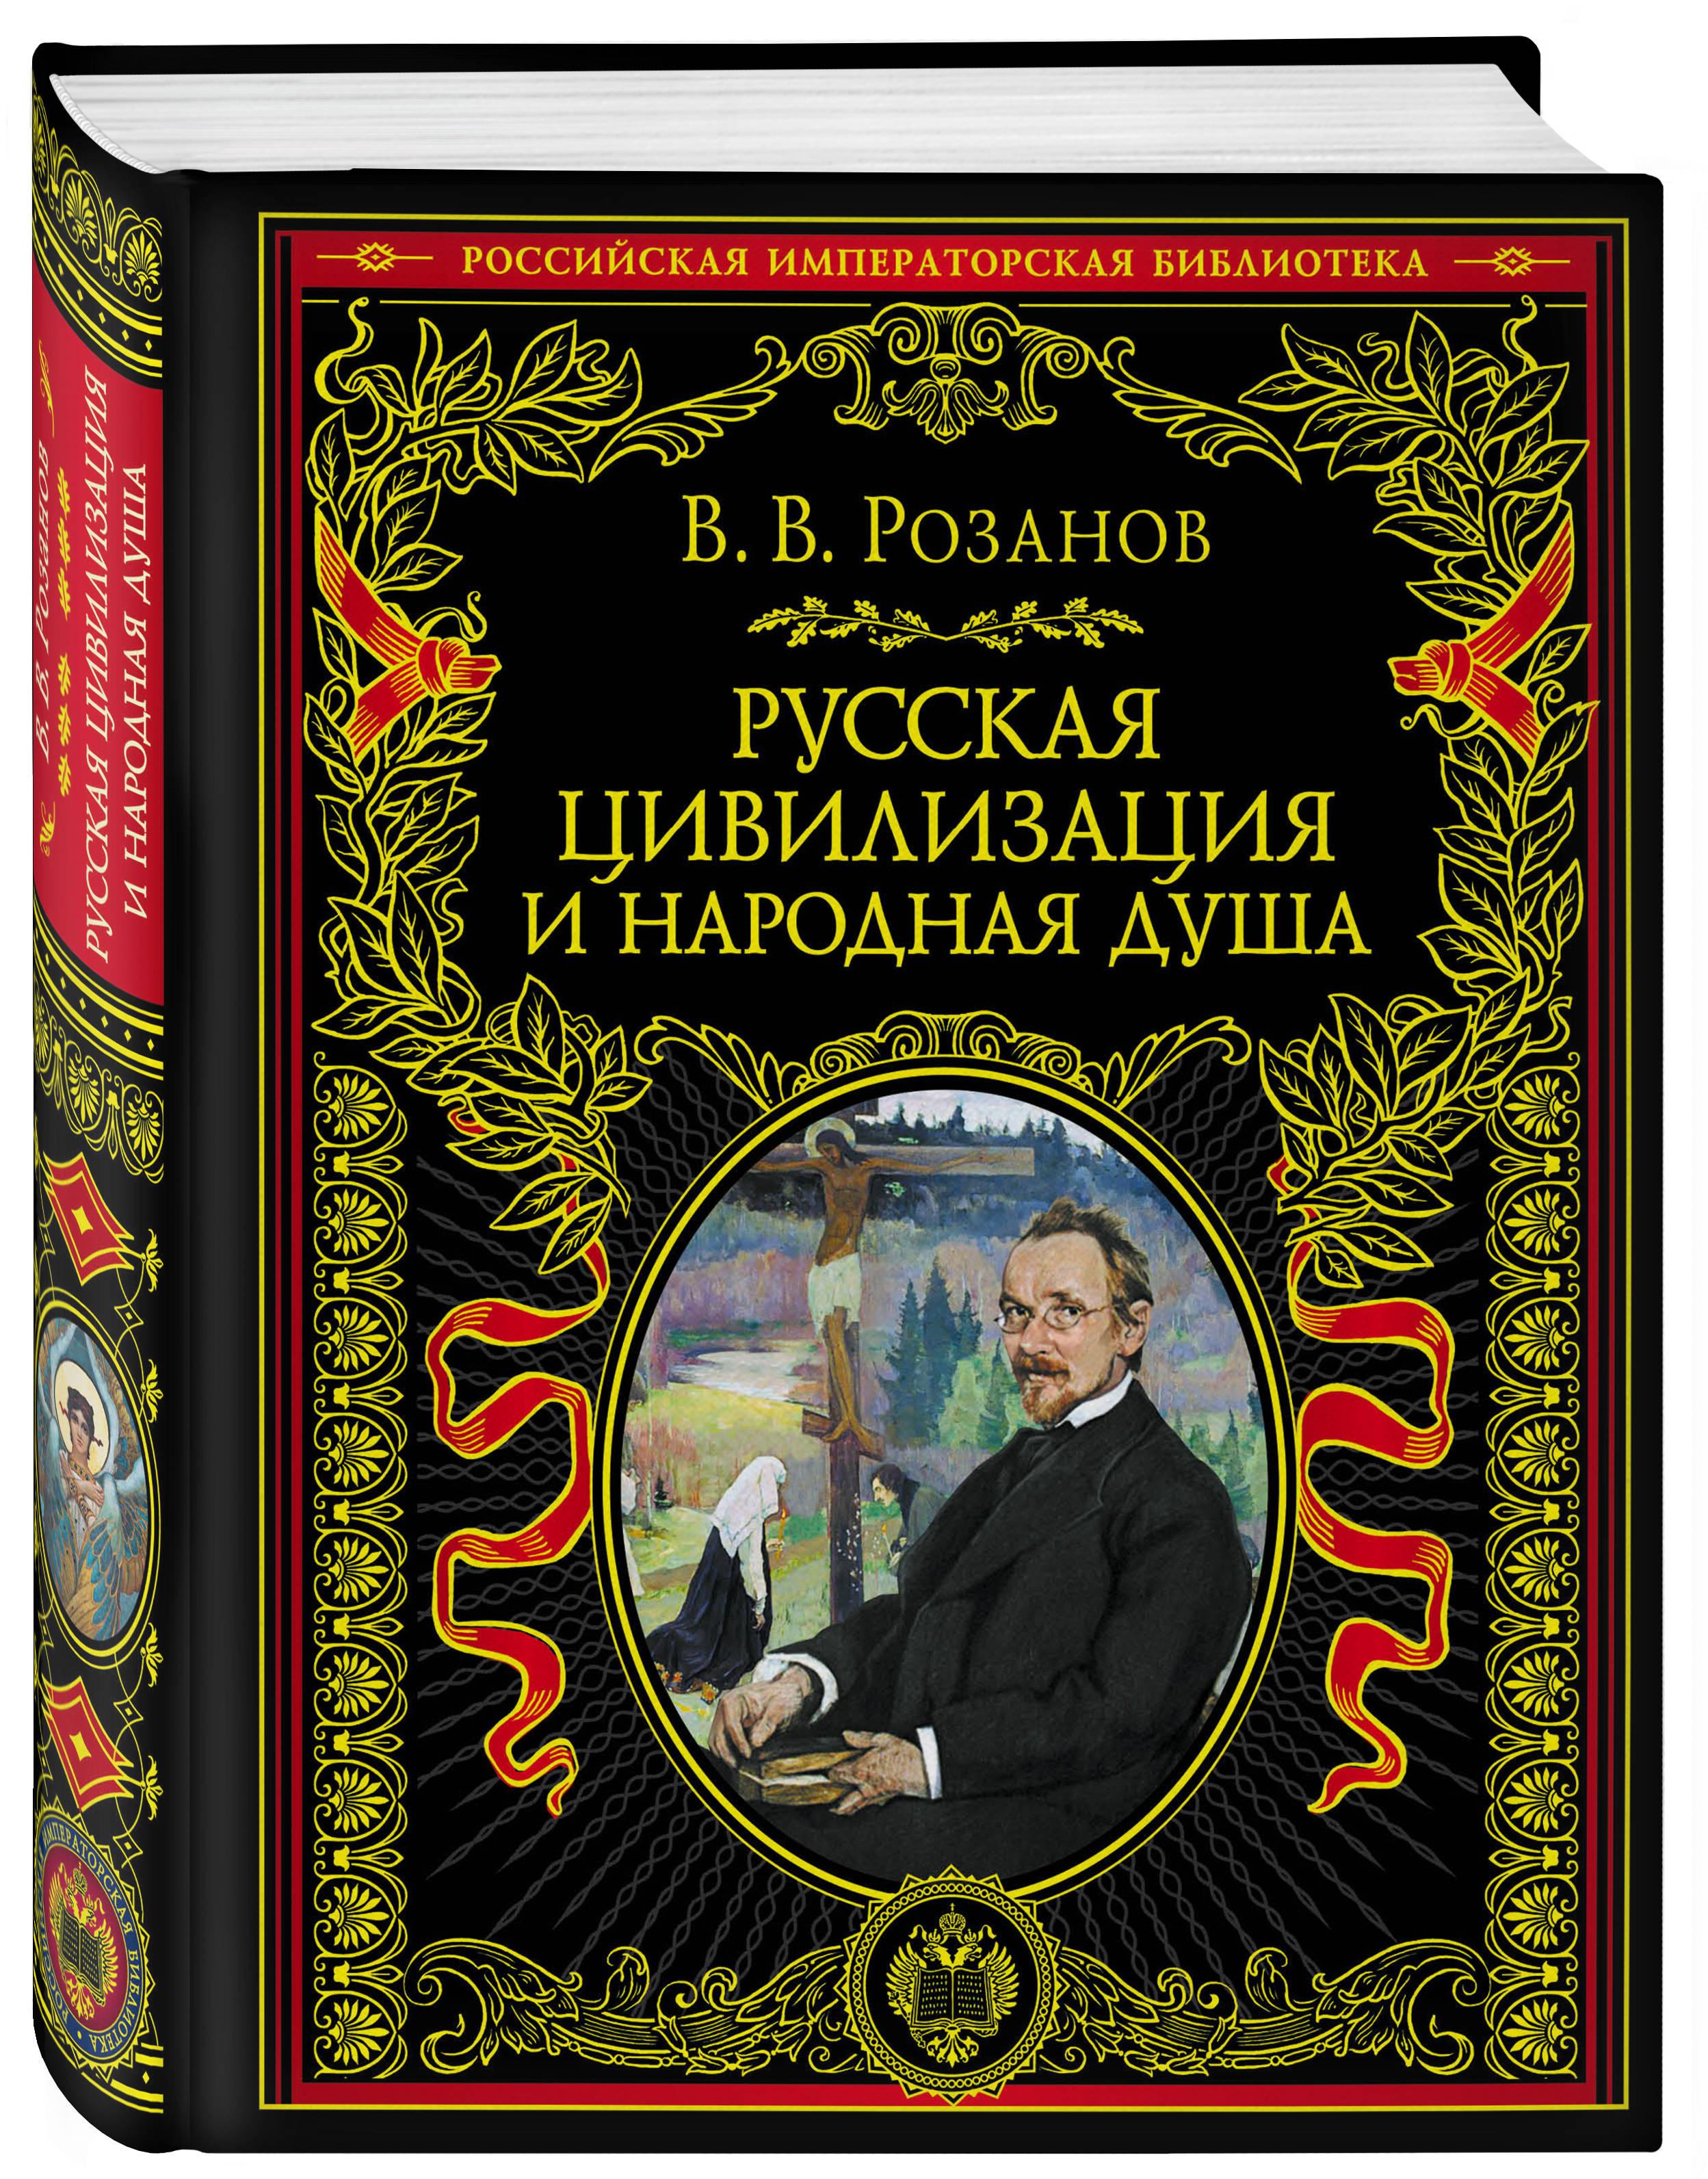 Розанов Василий Васильевич Русская цивилизация и народная душа